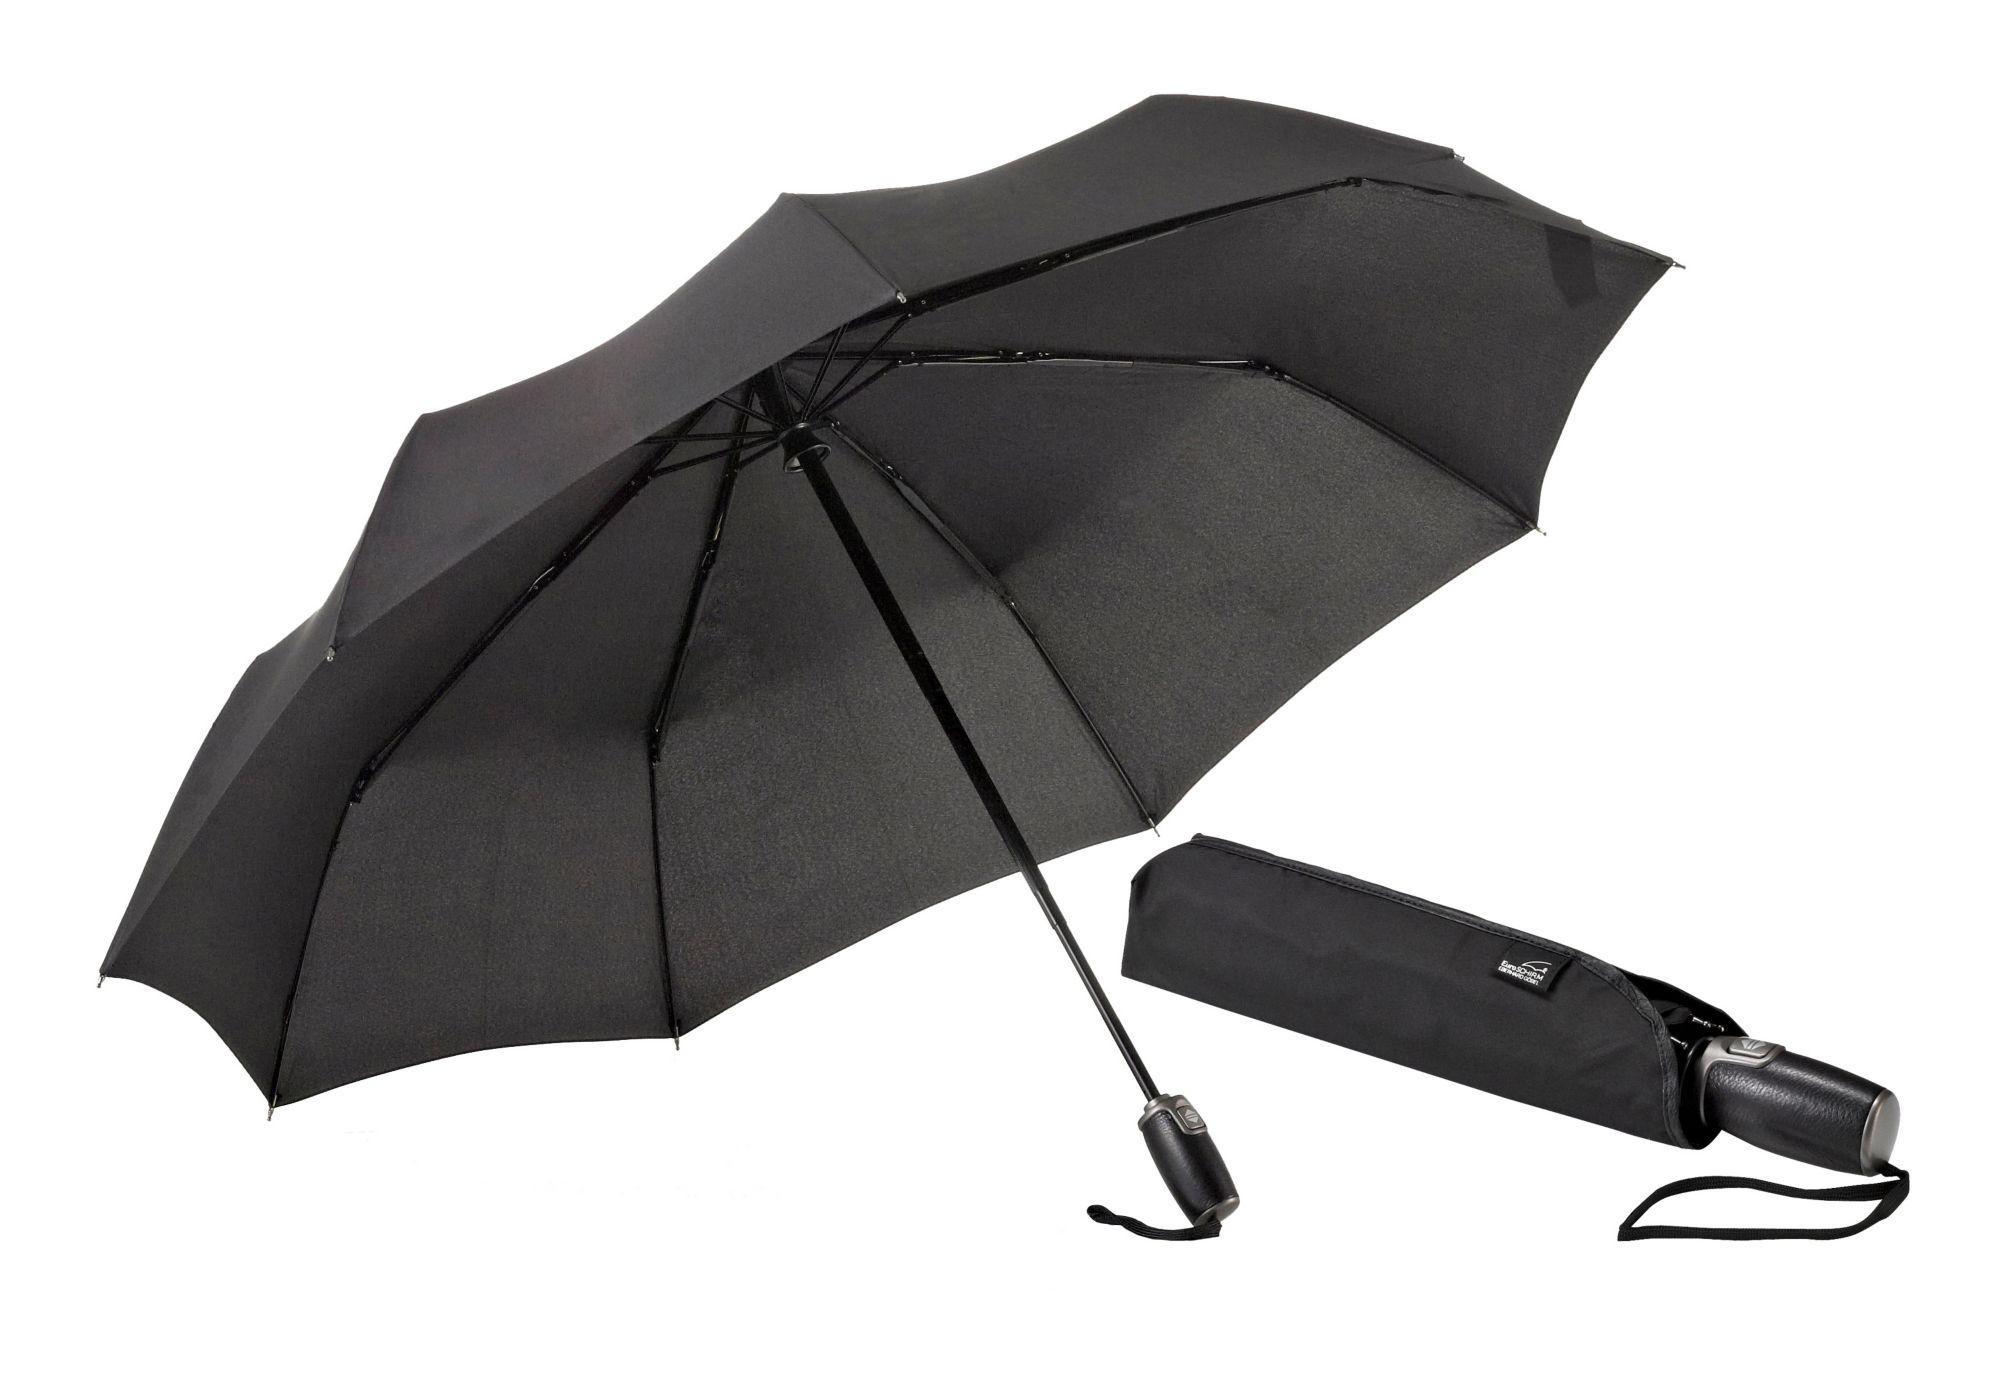 EUROSCHIRM® Euroschirm® Regenschirm mit Elchleder, »One For One - Elchleder-Taschenschirm«